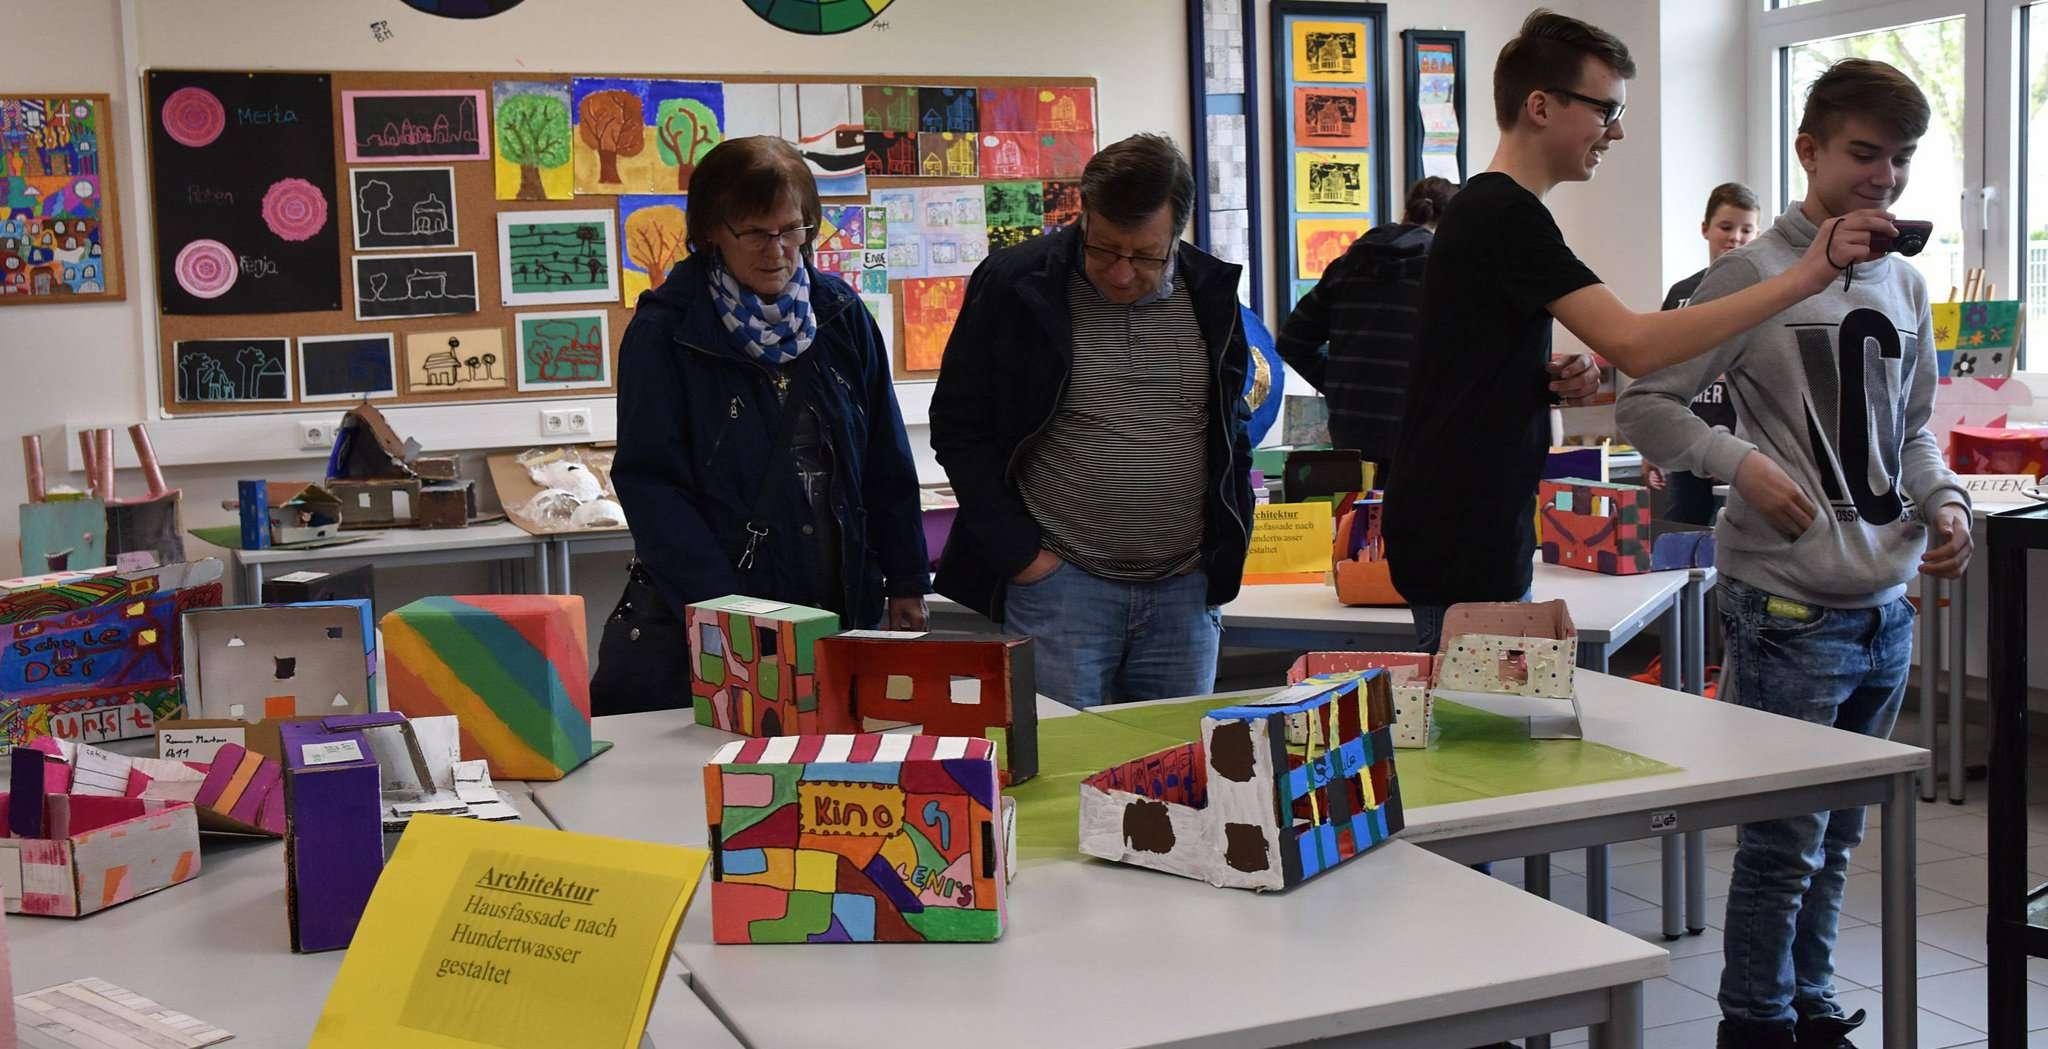 Die Schüler hatten bei der Anfertigung ihrer Objekte sichtlich Kreativität walten lassen. Fotos: Heidrun Meyer